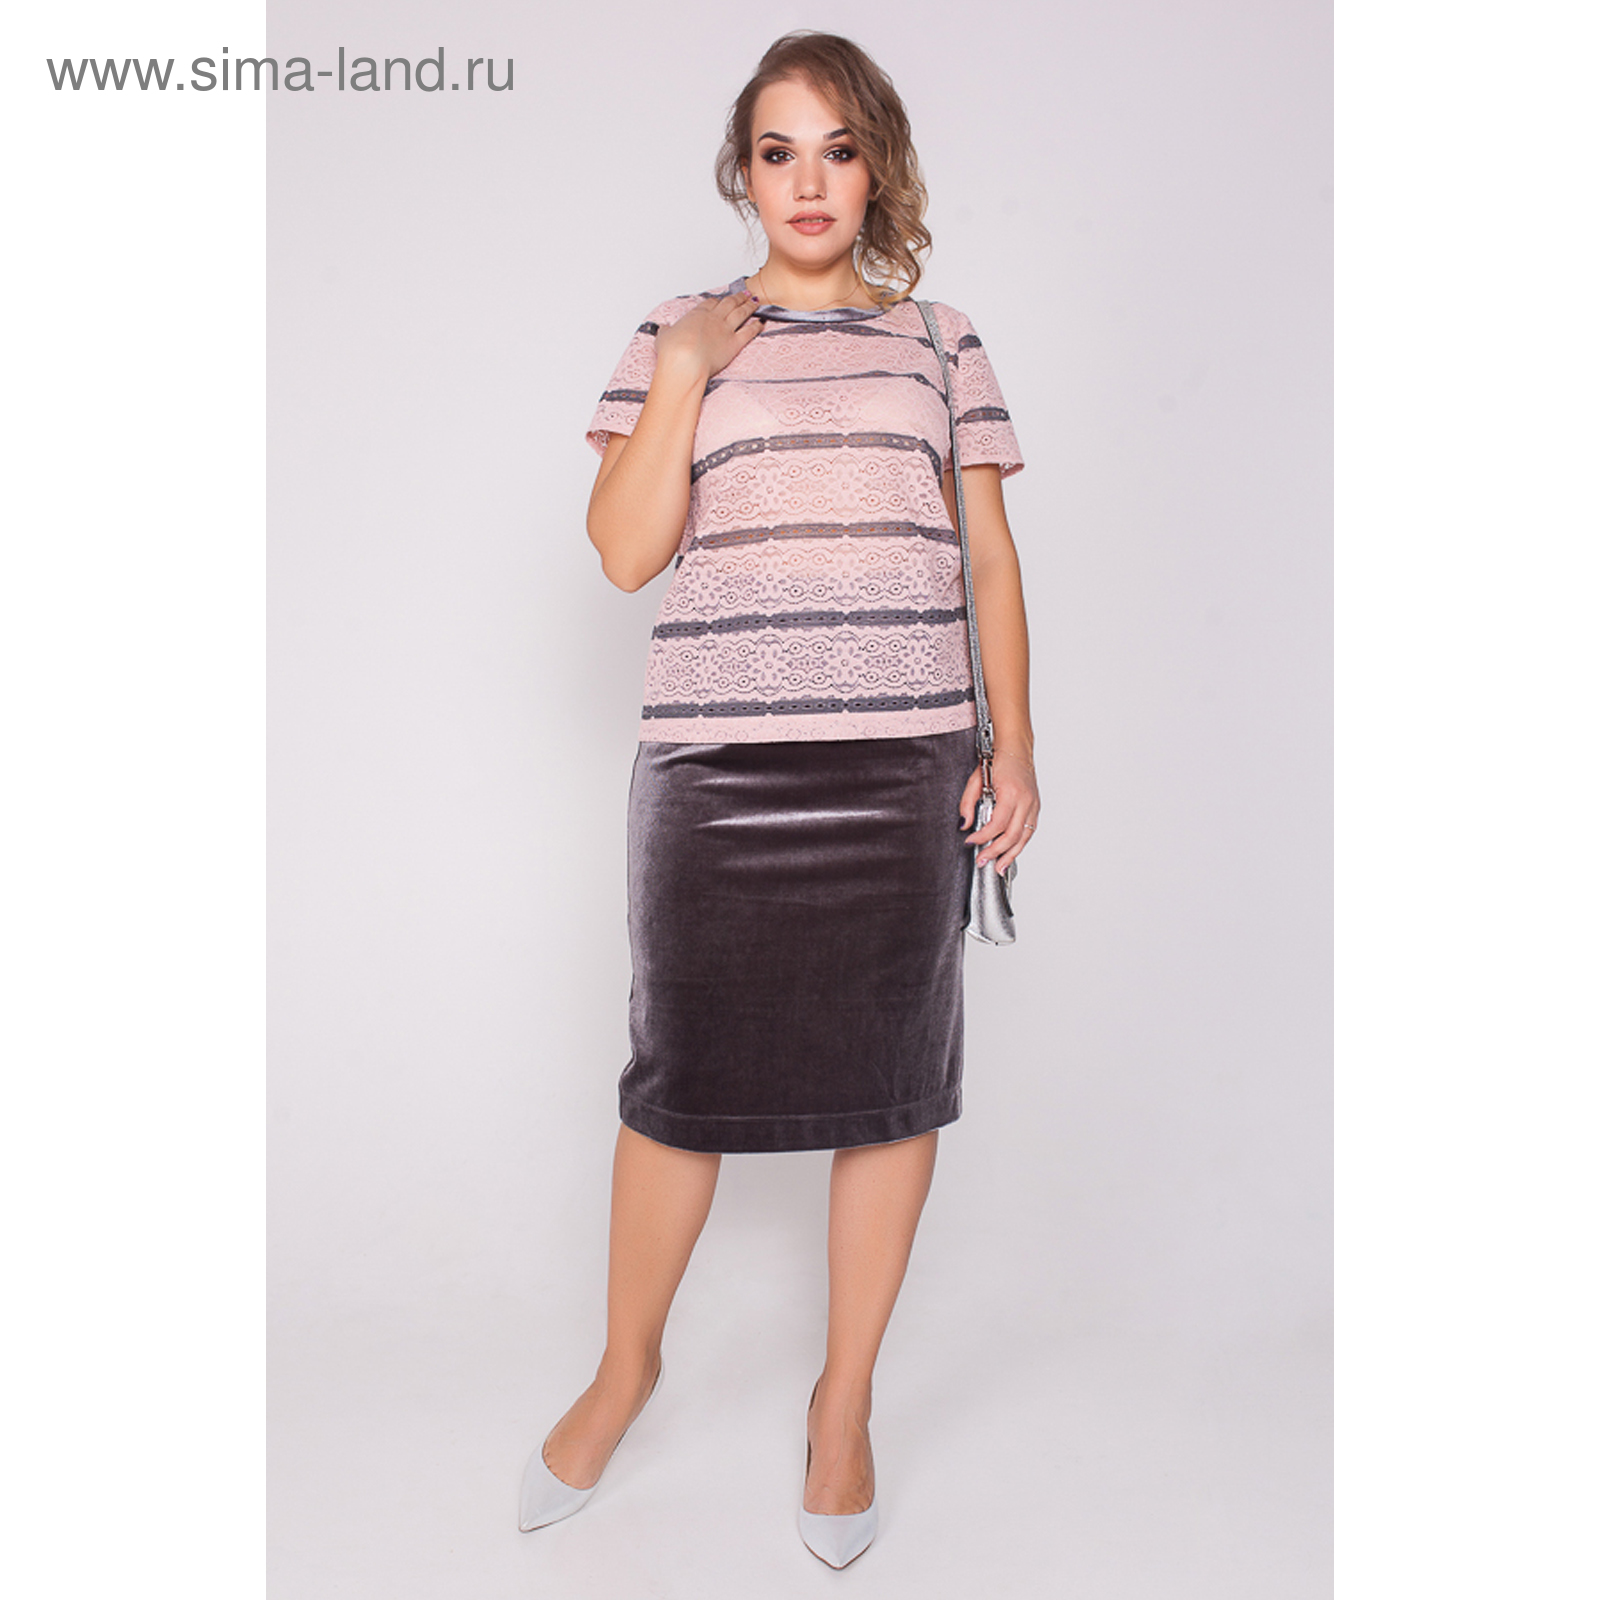 adde0232fed Комплект (блуза+юбка) женский